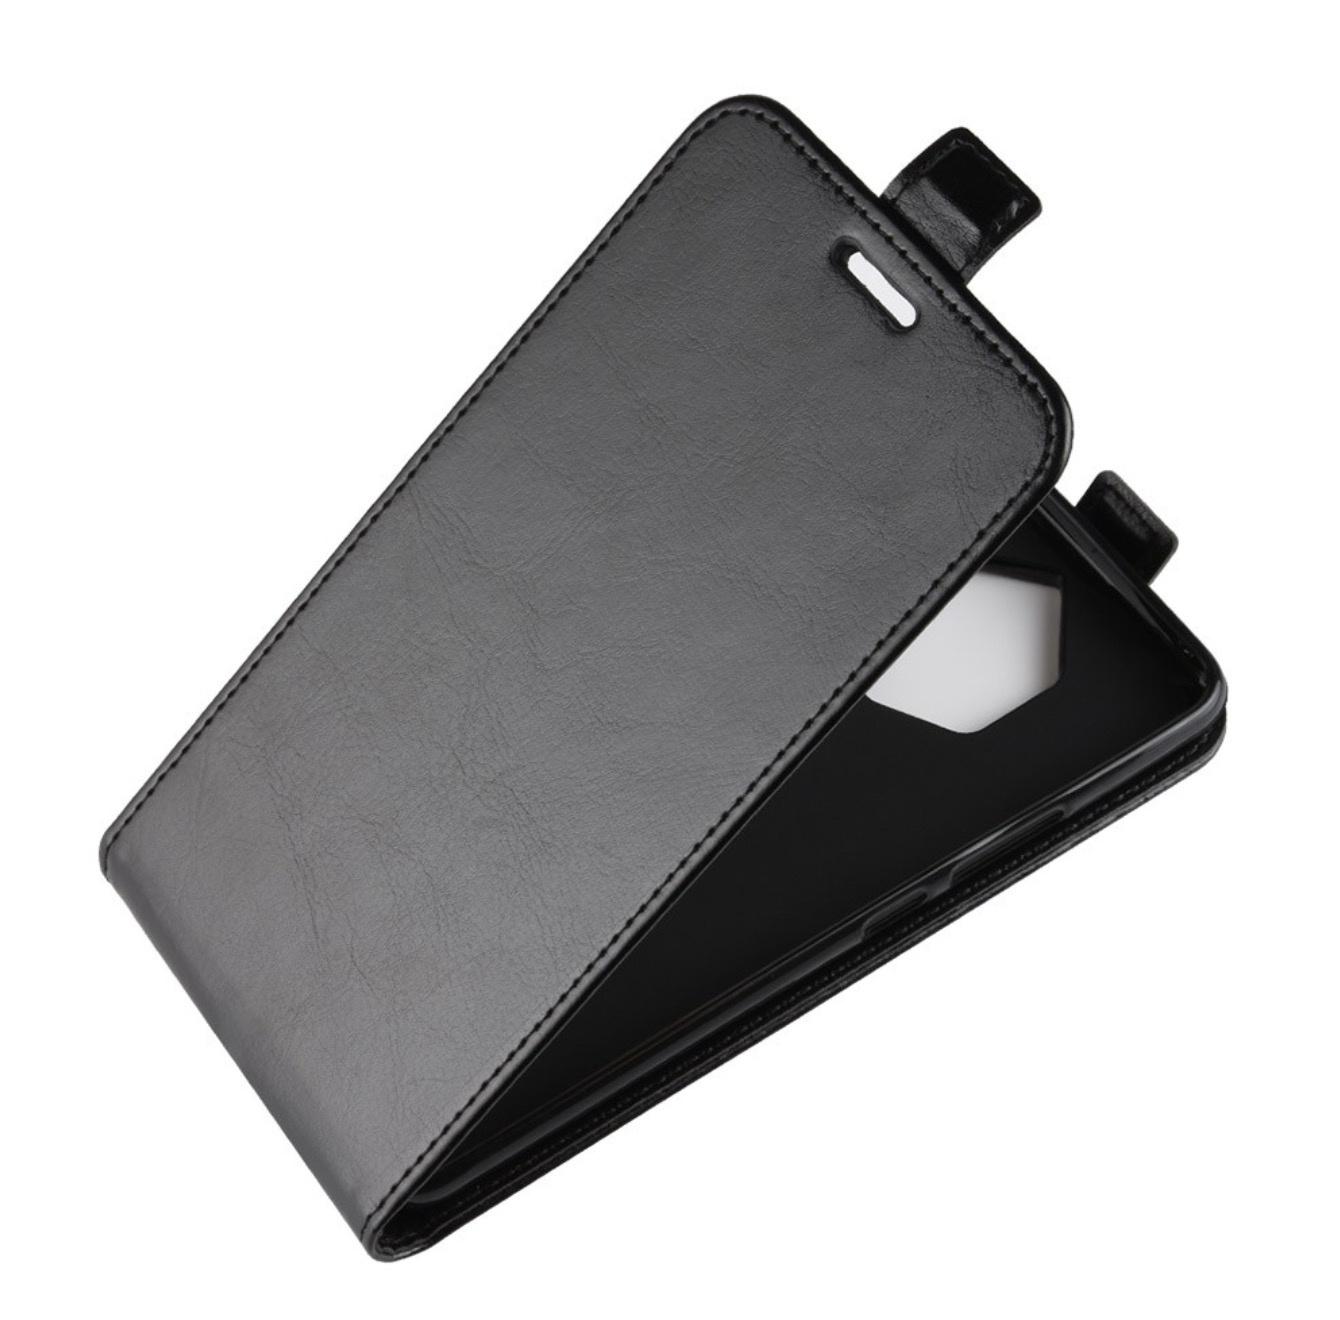 Чехол-флип MyPads для Lenovo Vibe P1 / P1 Pro (C72) 5.5 вертикальный откидной черный цены